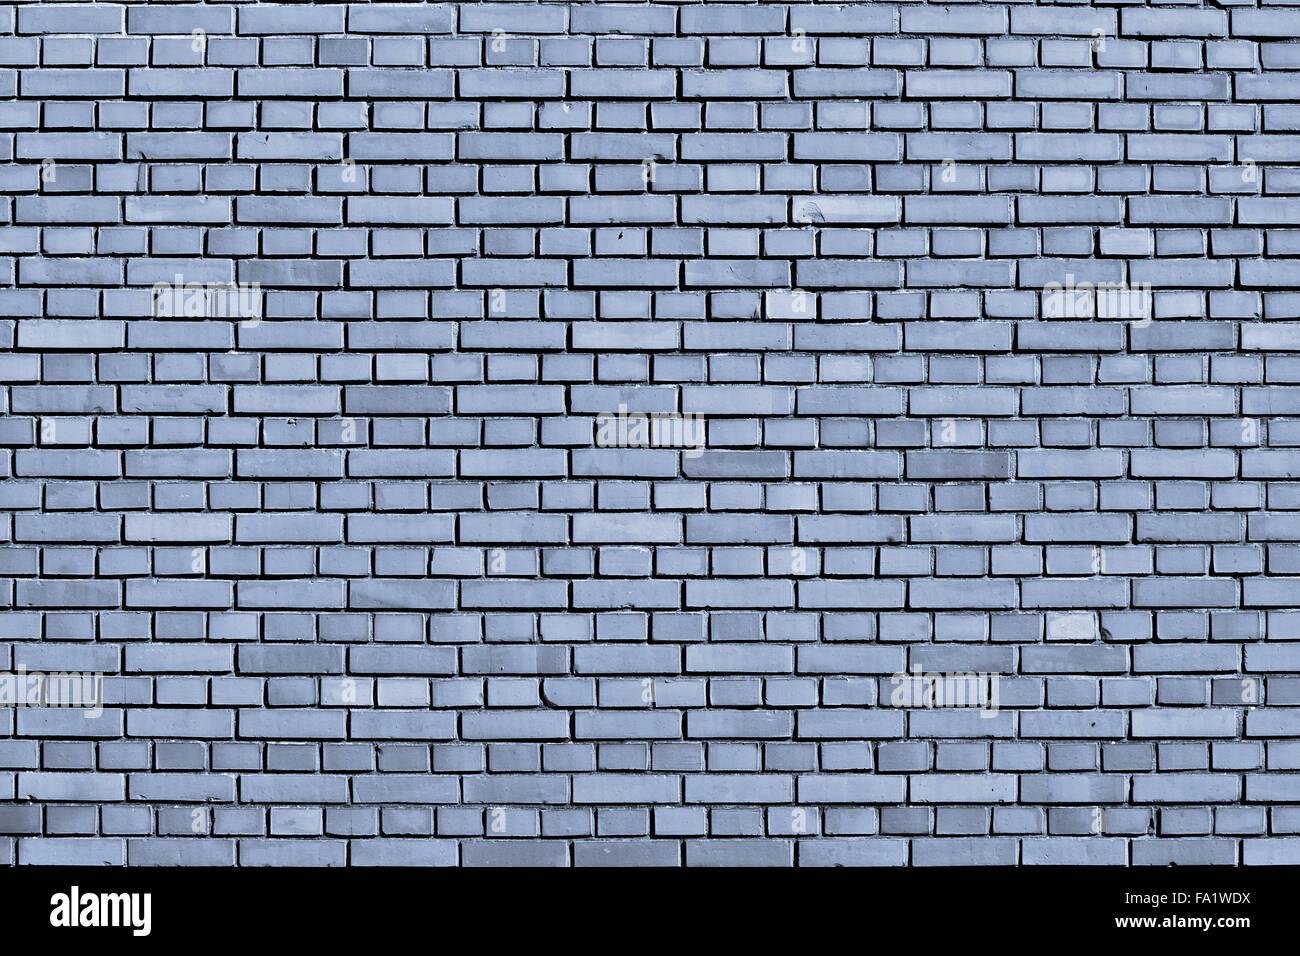 Blaue Gelassenheit Ziegel Wand Hintergrund Stockbild